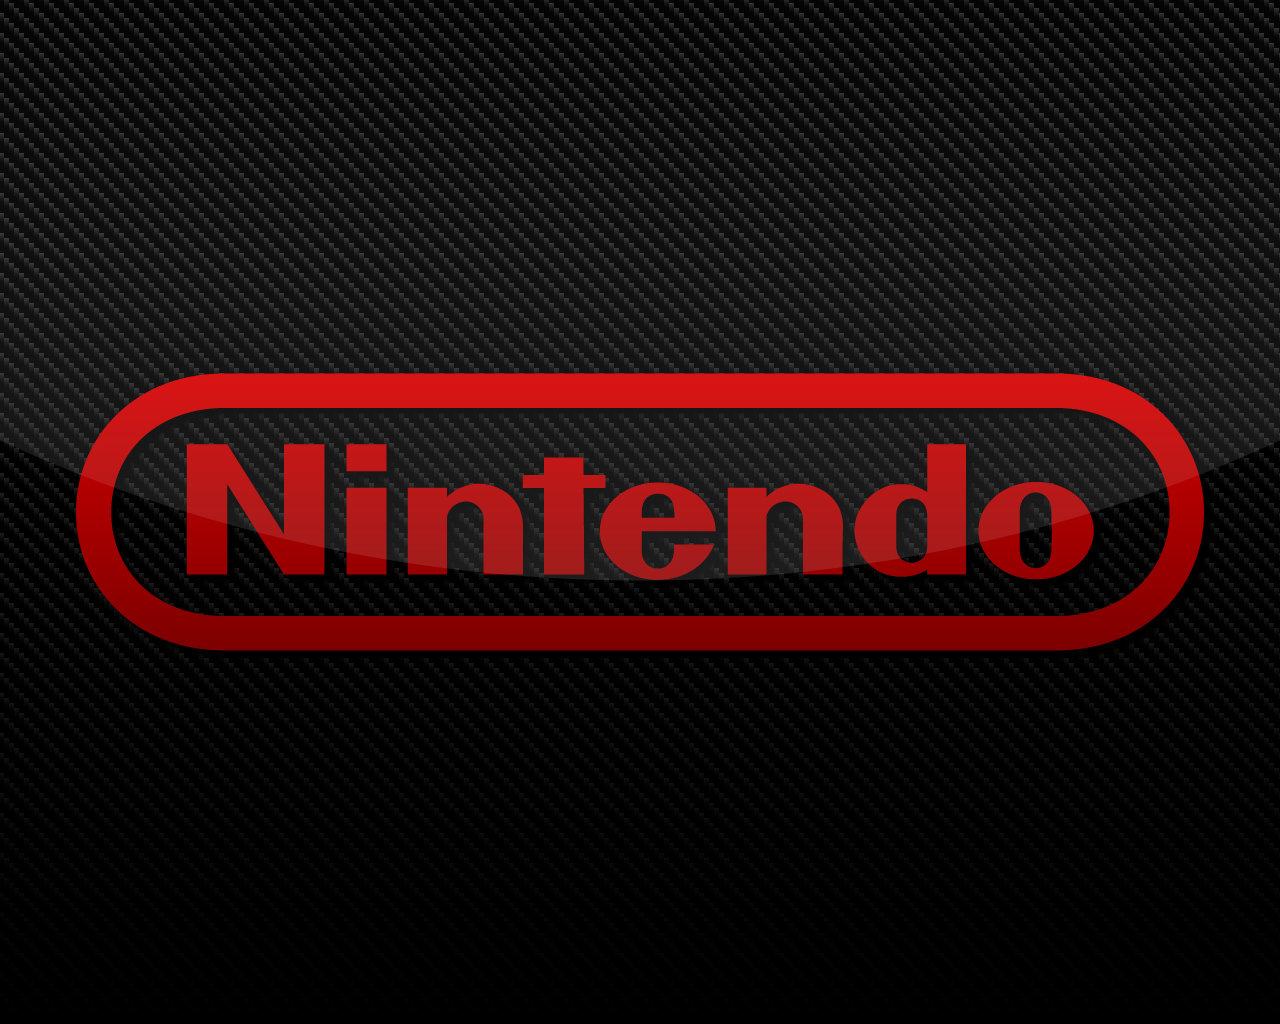 Nintendo Wallpapers 1280x1024 Desktop Backgrounds